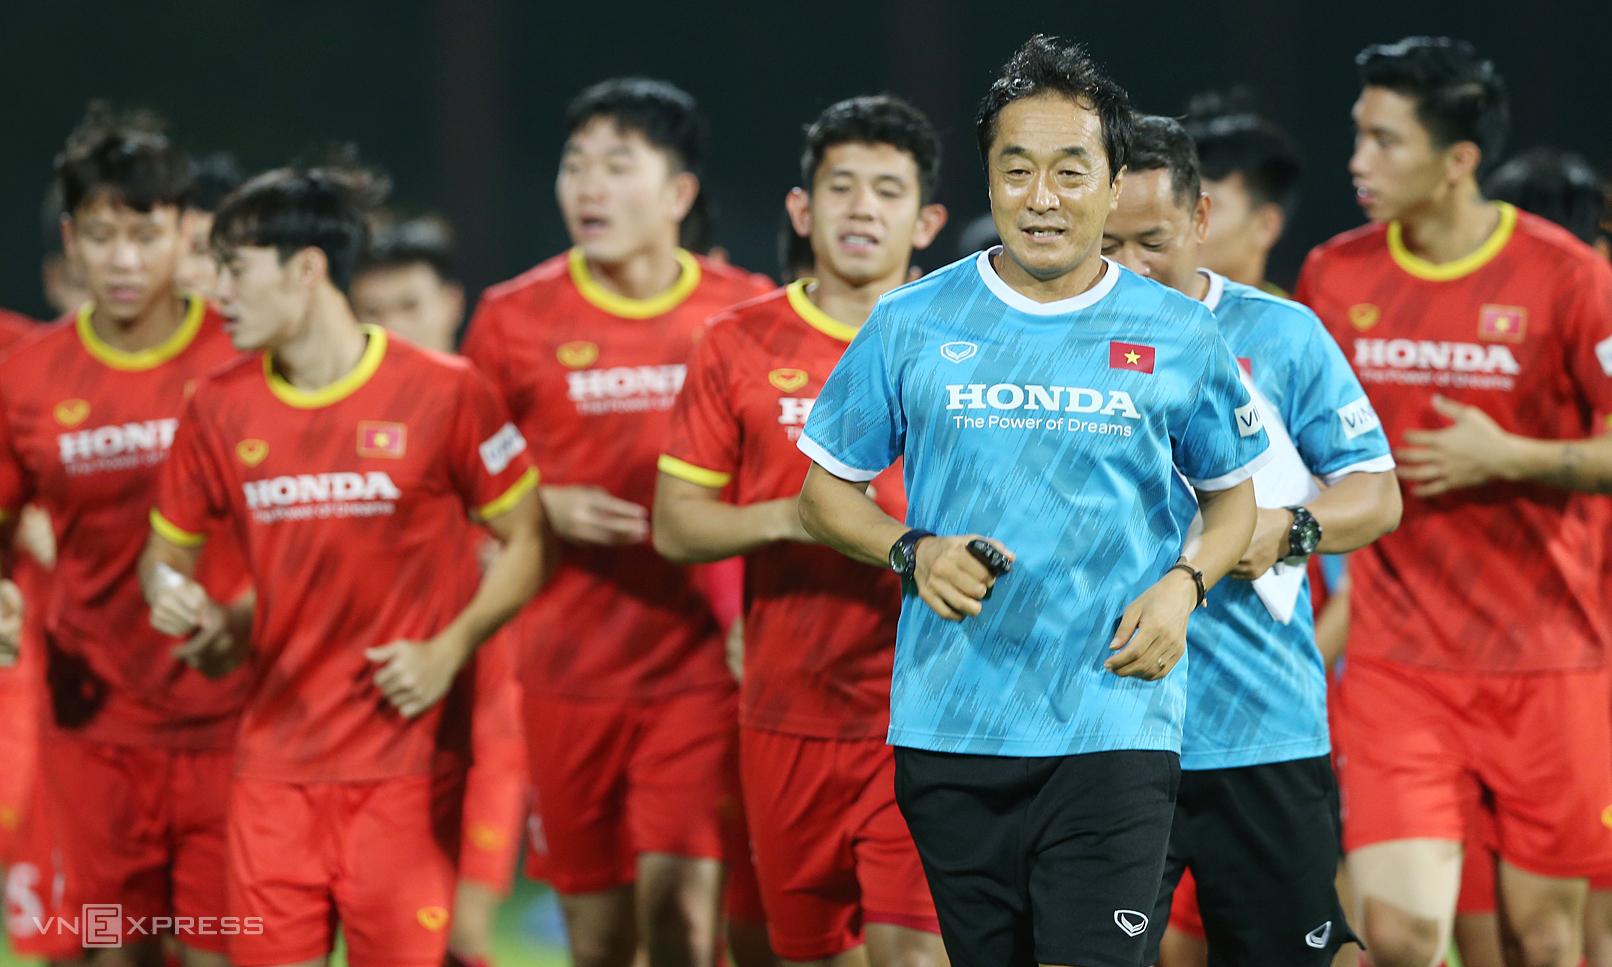 Lee Young-jin cùng cầu thủ Việt Nam tập chạy trước trận đấu UAE, dù đây không phải lần đầu ông dẫn dắt một đội tuyển. Ảnh: Lâm Thoả